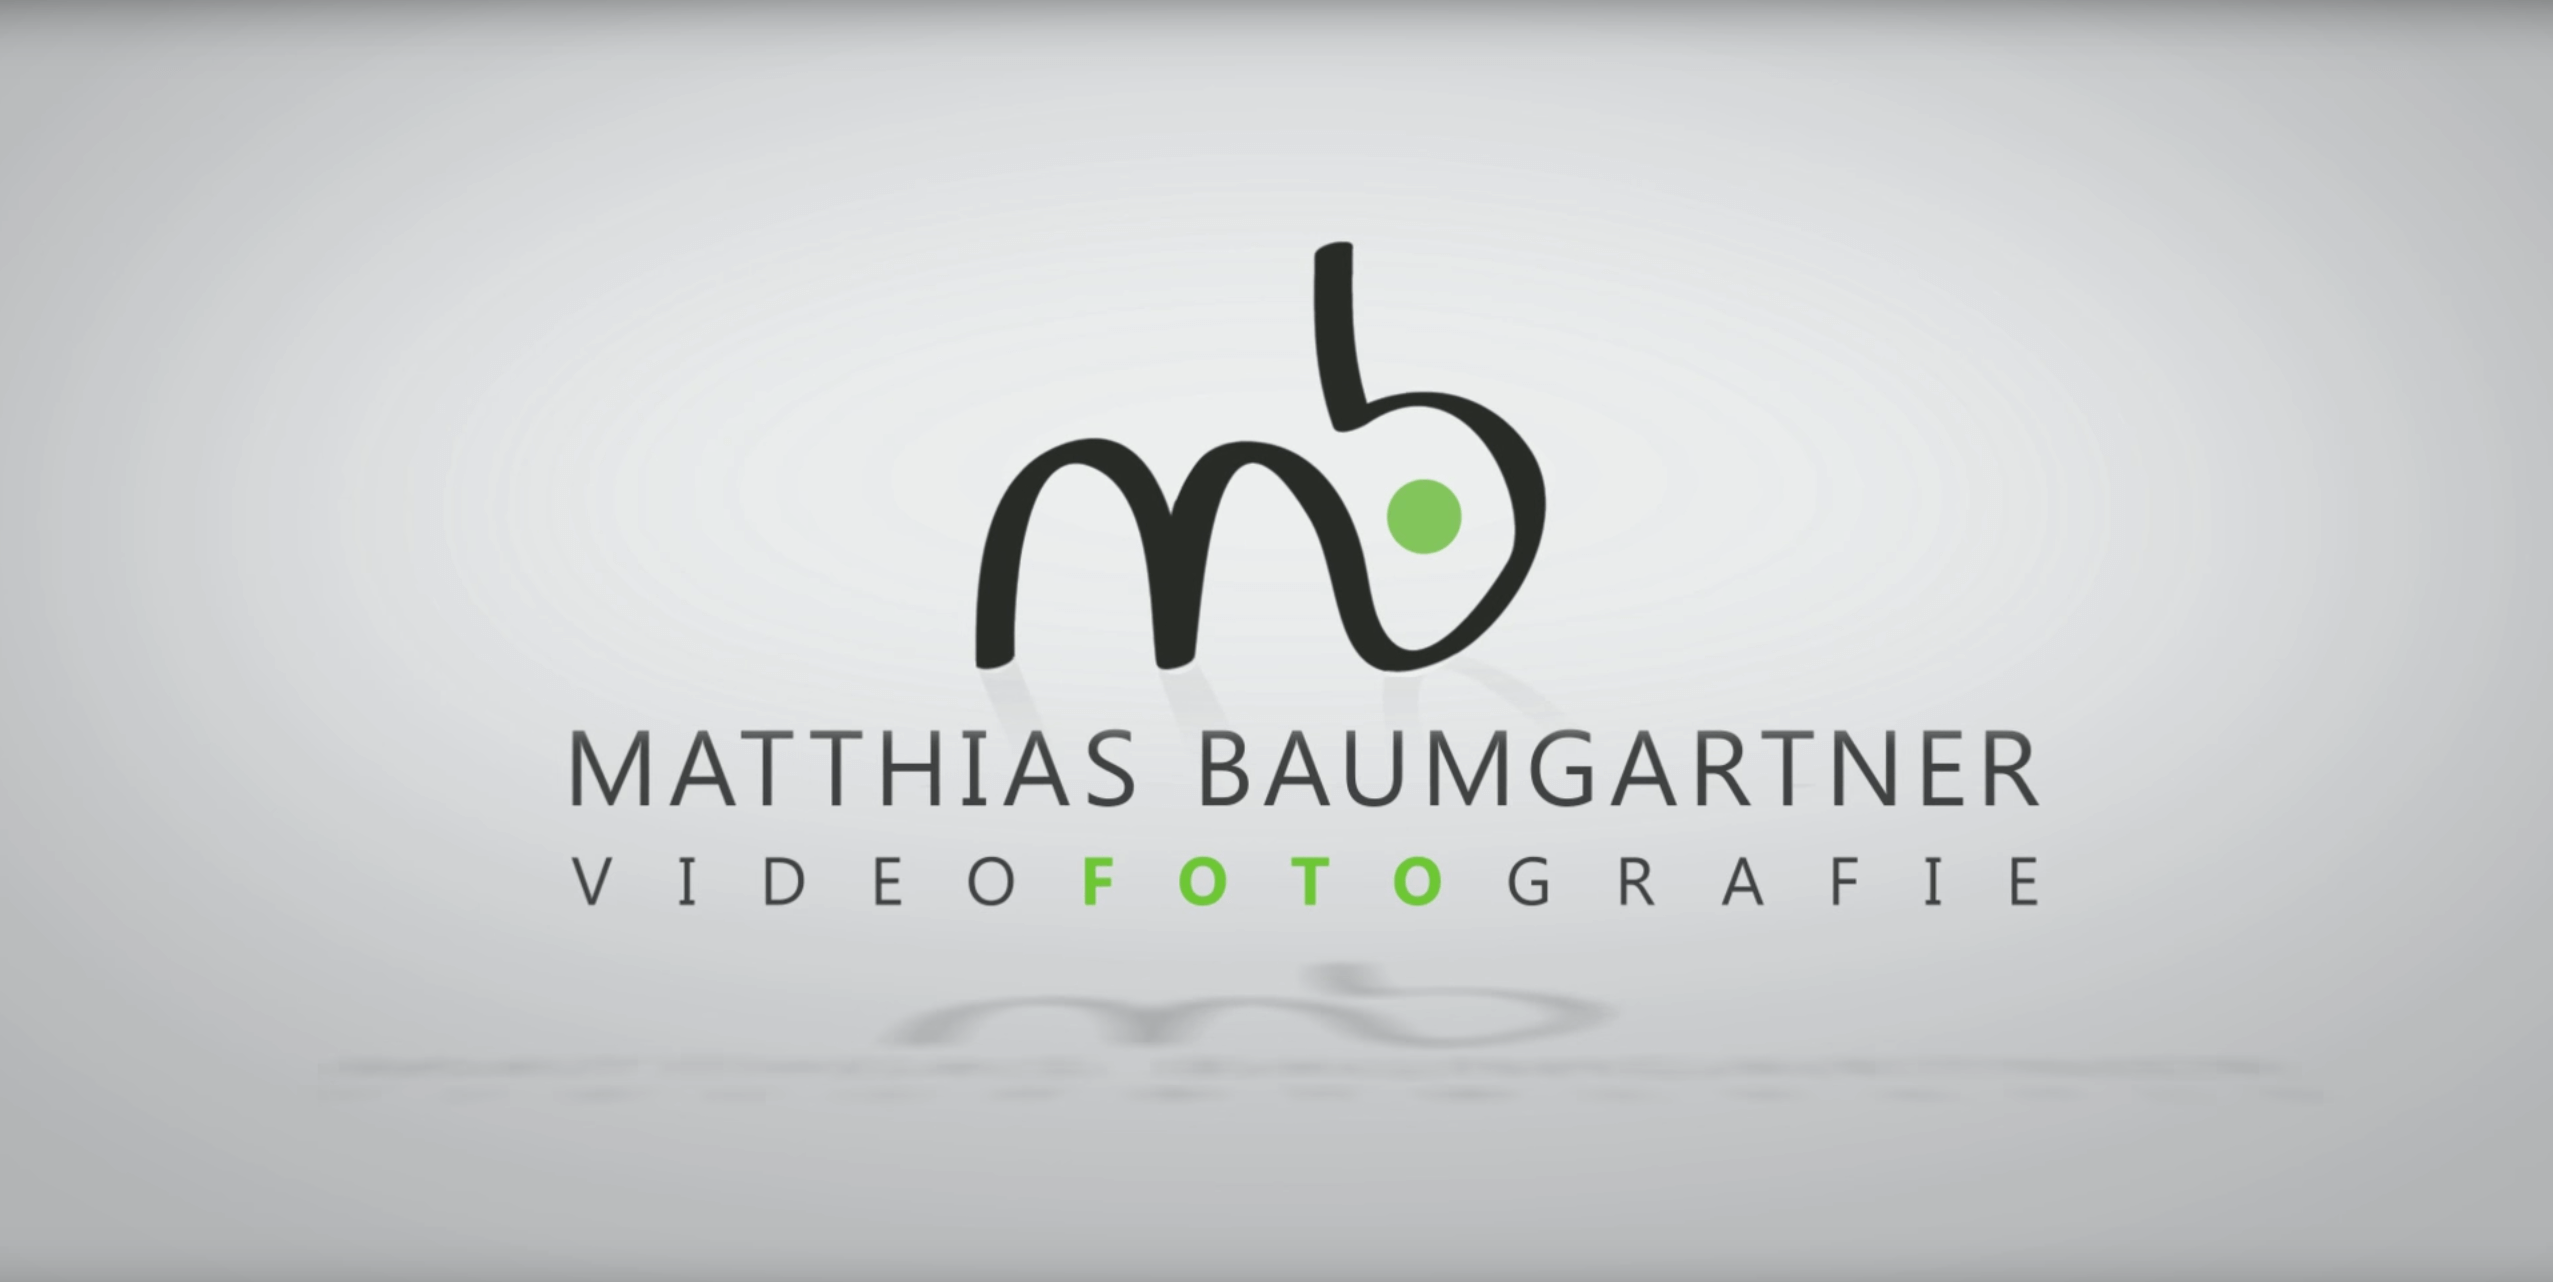 Matthias Baumgartner Videofotografie in den Bereichen Imagefilm, Werbefotografie, Luftaufnahmen, Teamfotos präsentiert den neuen MB-Foto-Film.